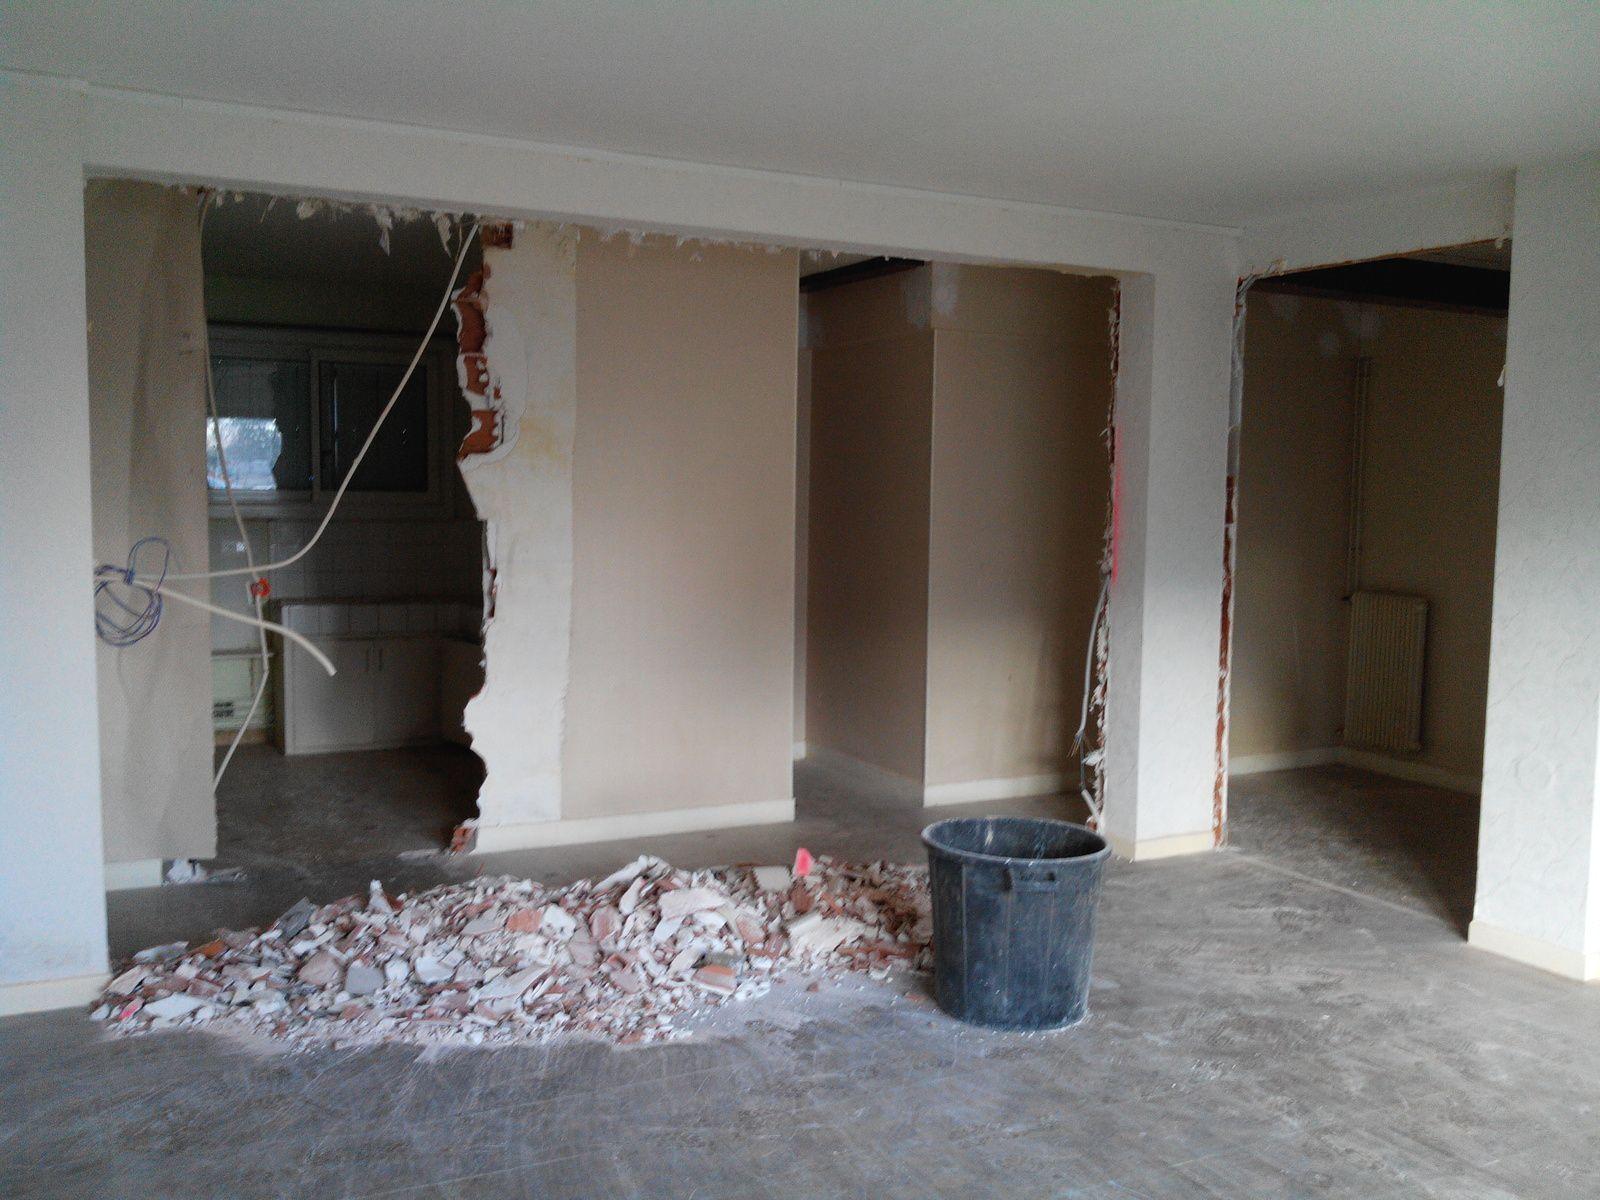 Restructuration de l'espace:suppression du couloir pour ouvrir la cuisine sur le séjour et le salon.